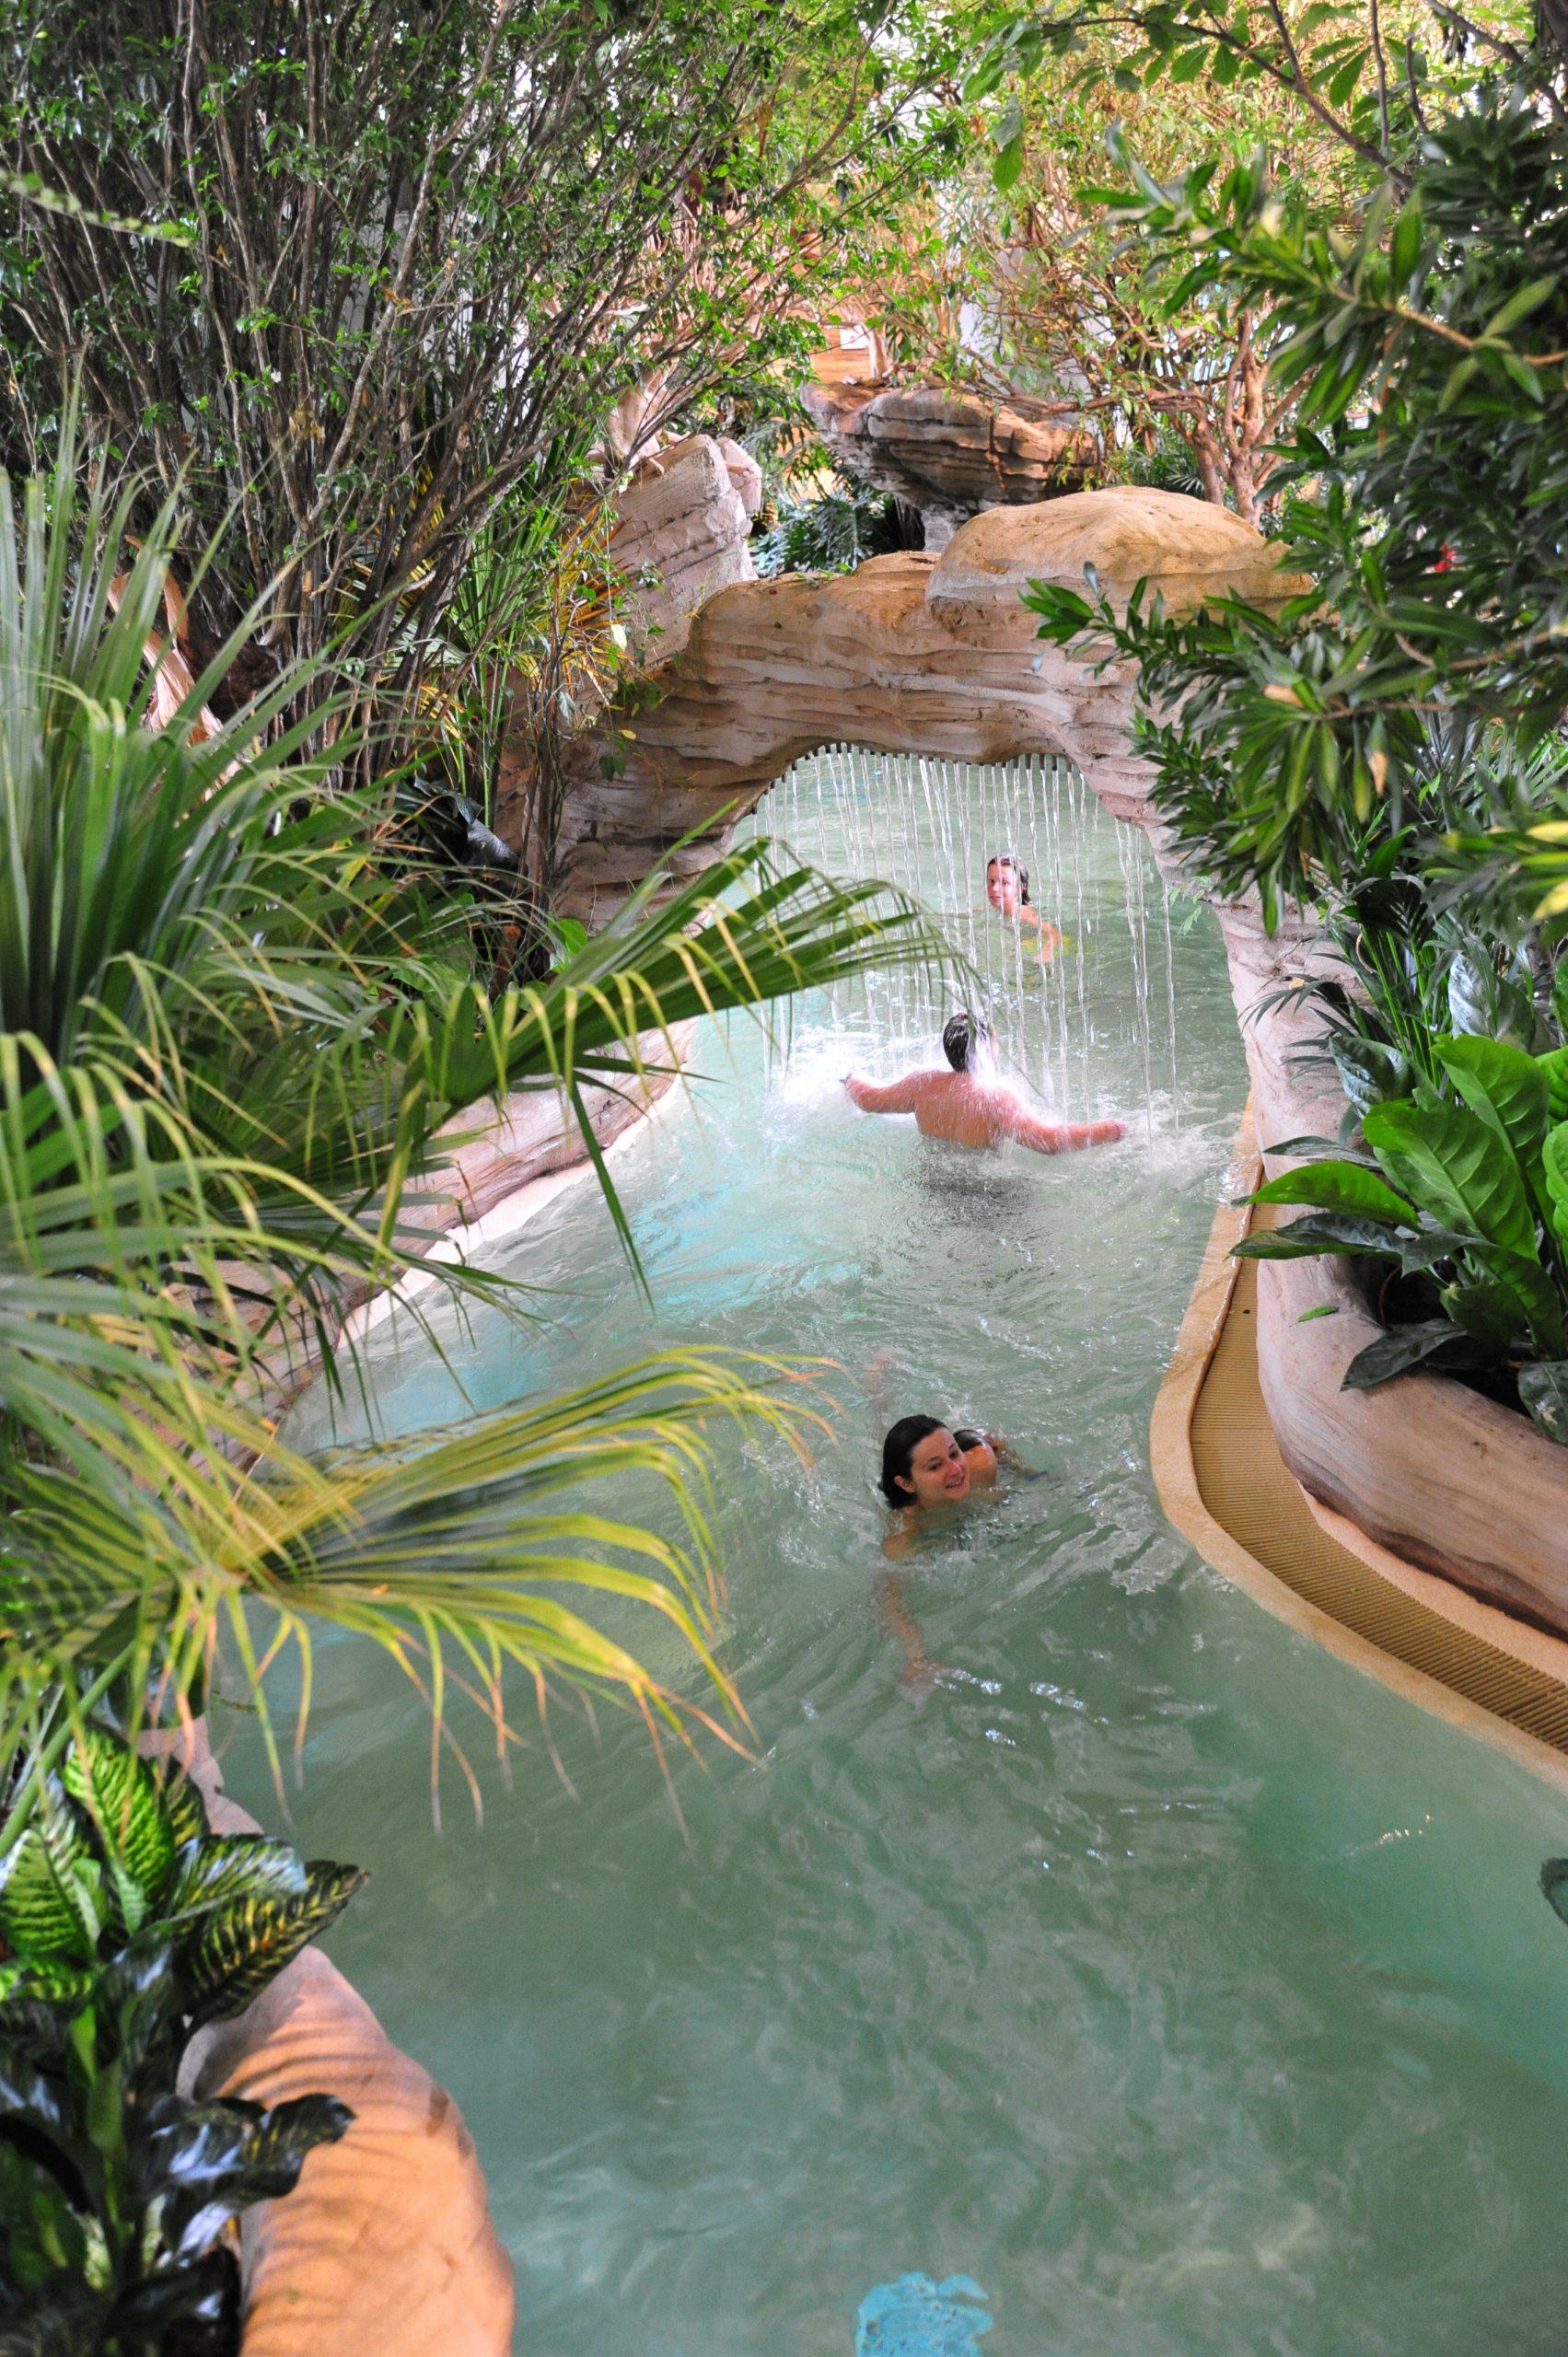 Aquariaz : Parc Aquatique Portes Du Soleil, Station De Ski ... tout Avoriaz Piscine